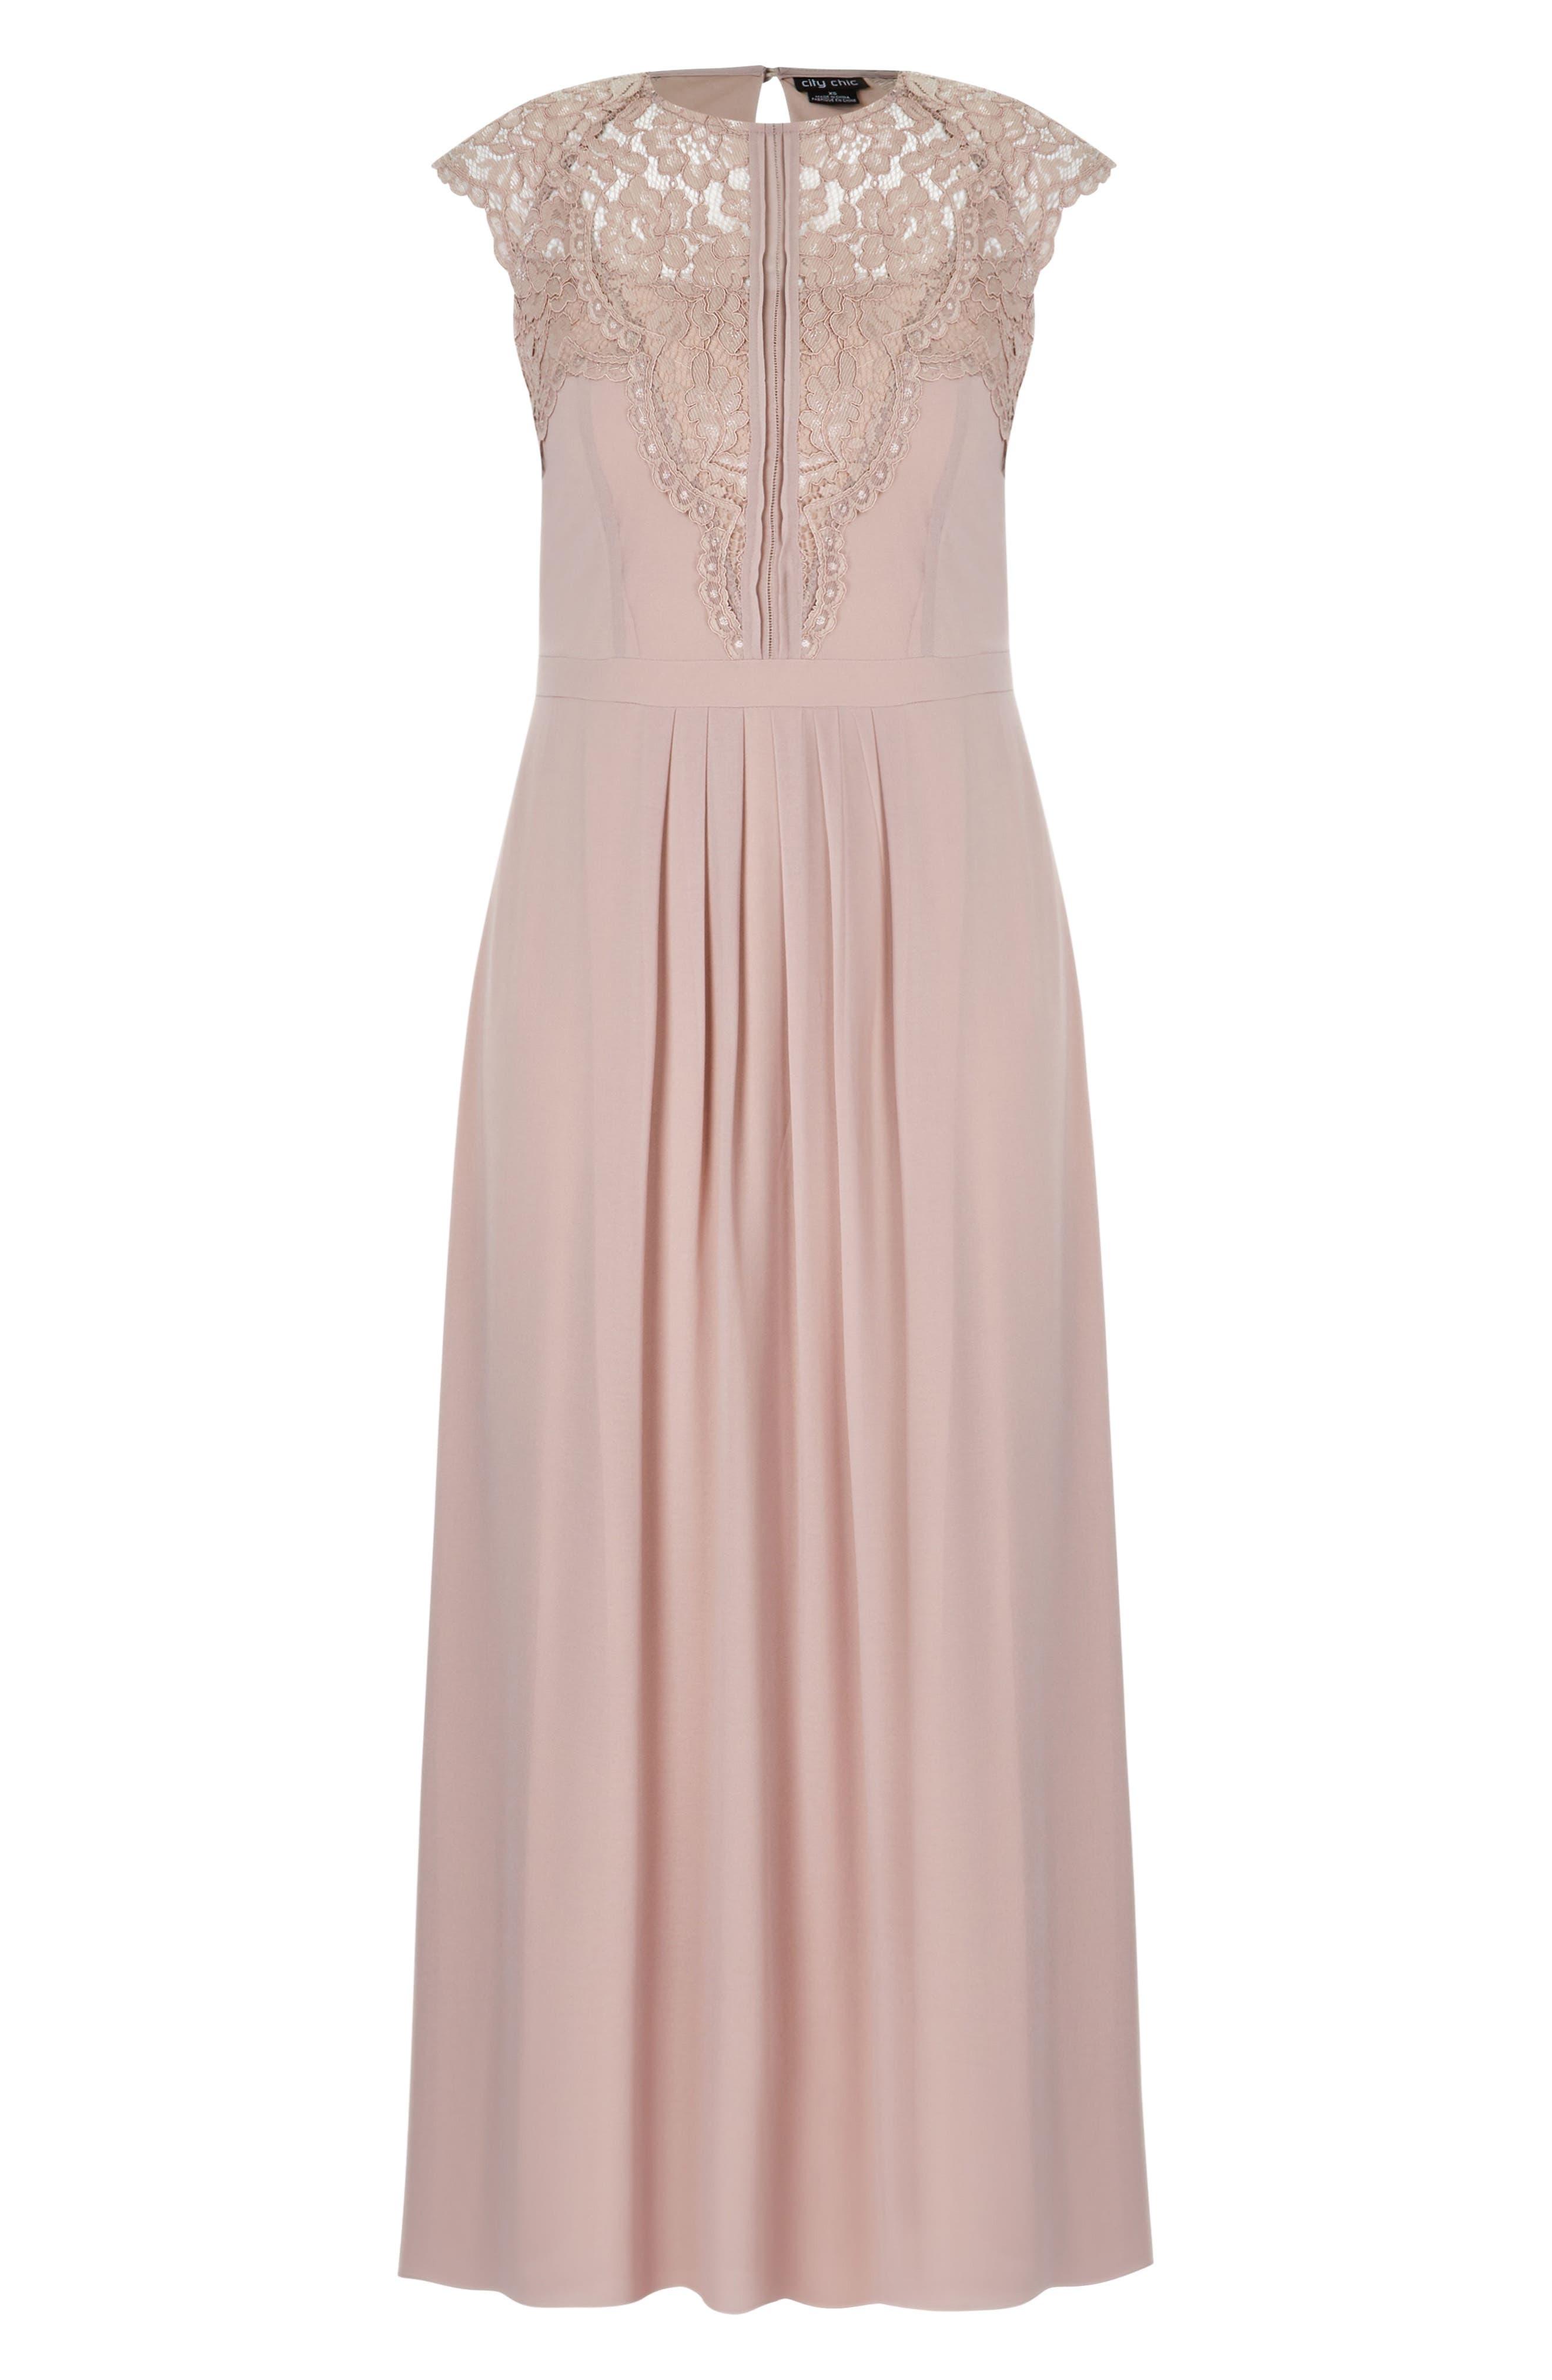 Lace Bodice Maxi Dress,                             Alternate thumbnail 2, color,                             MUSHROOM